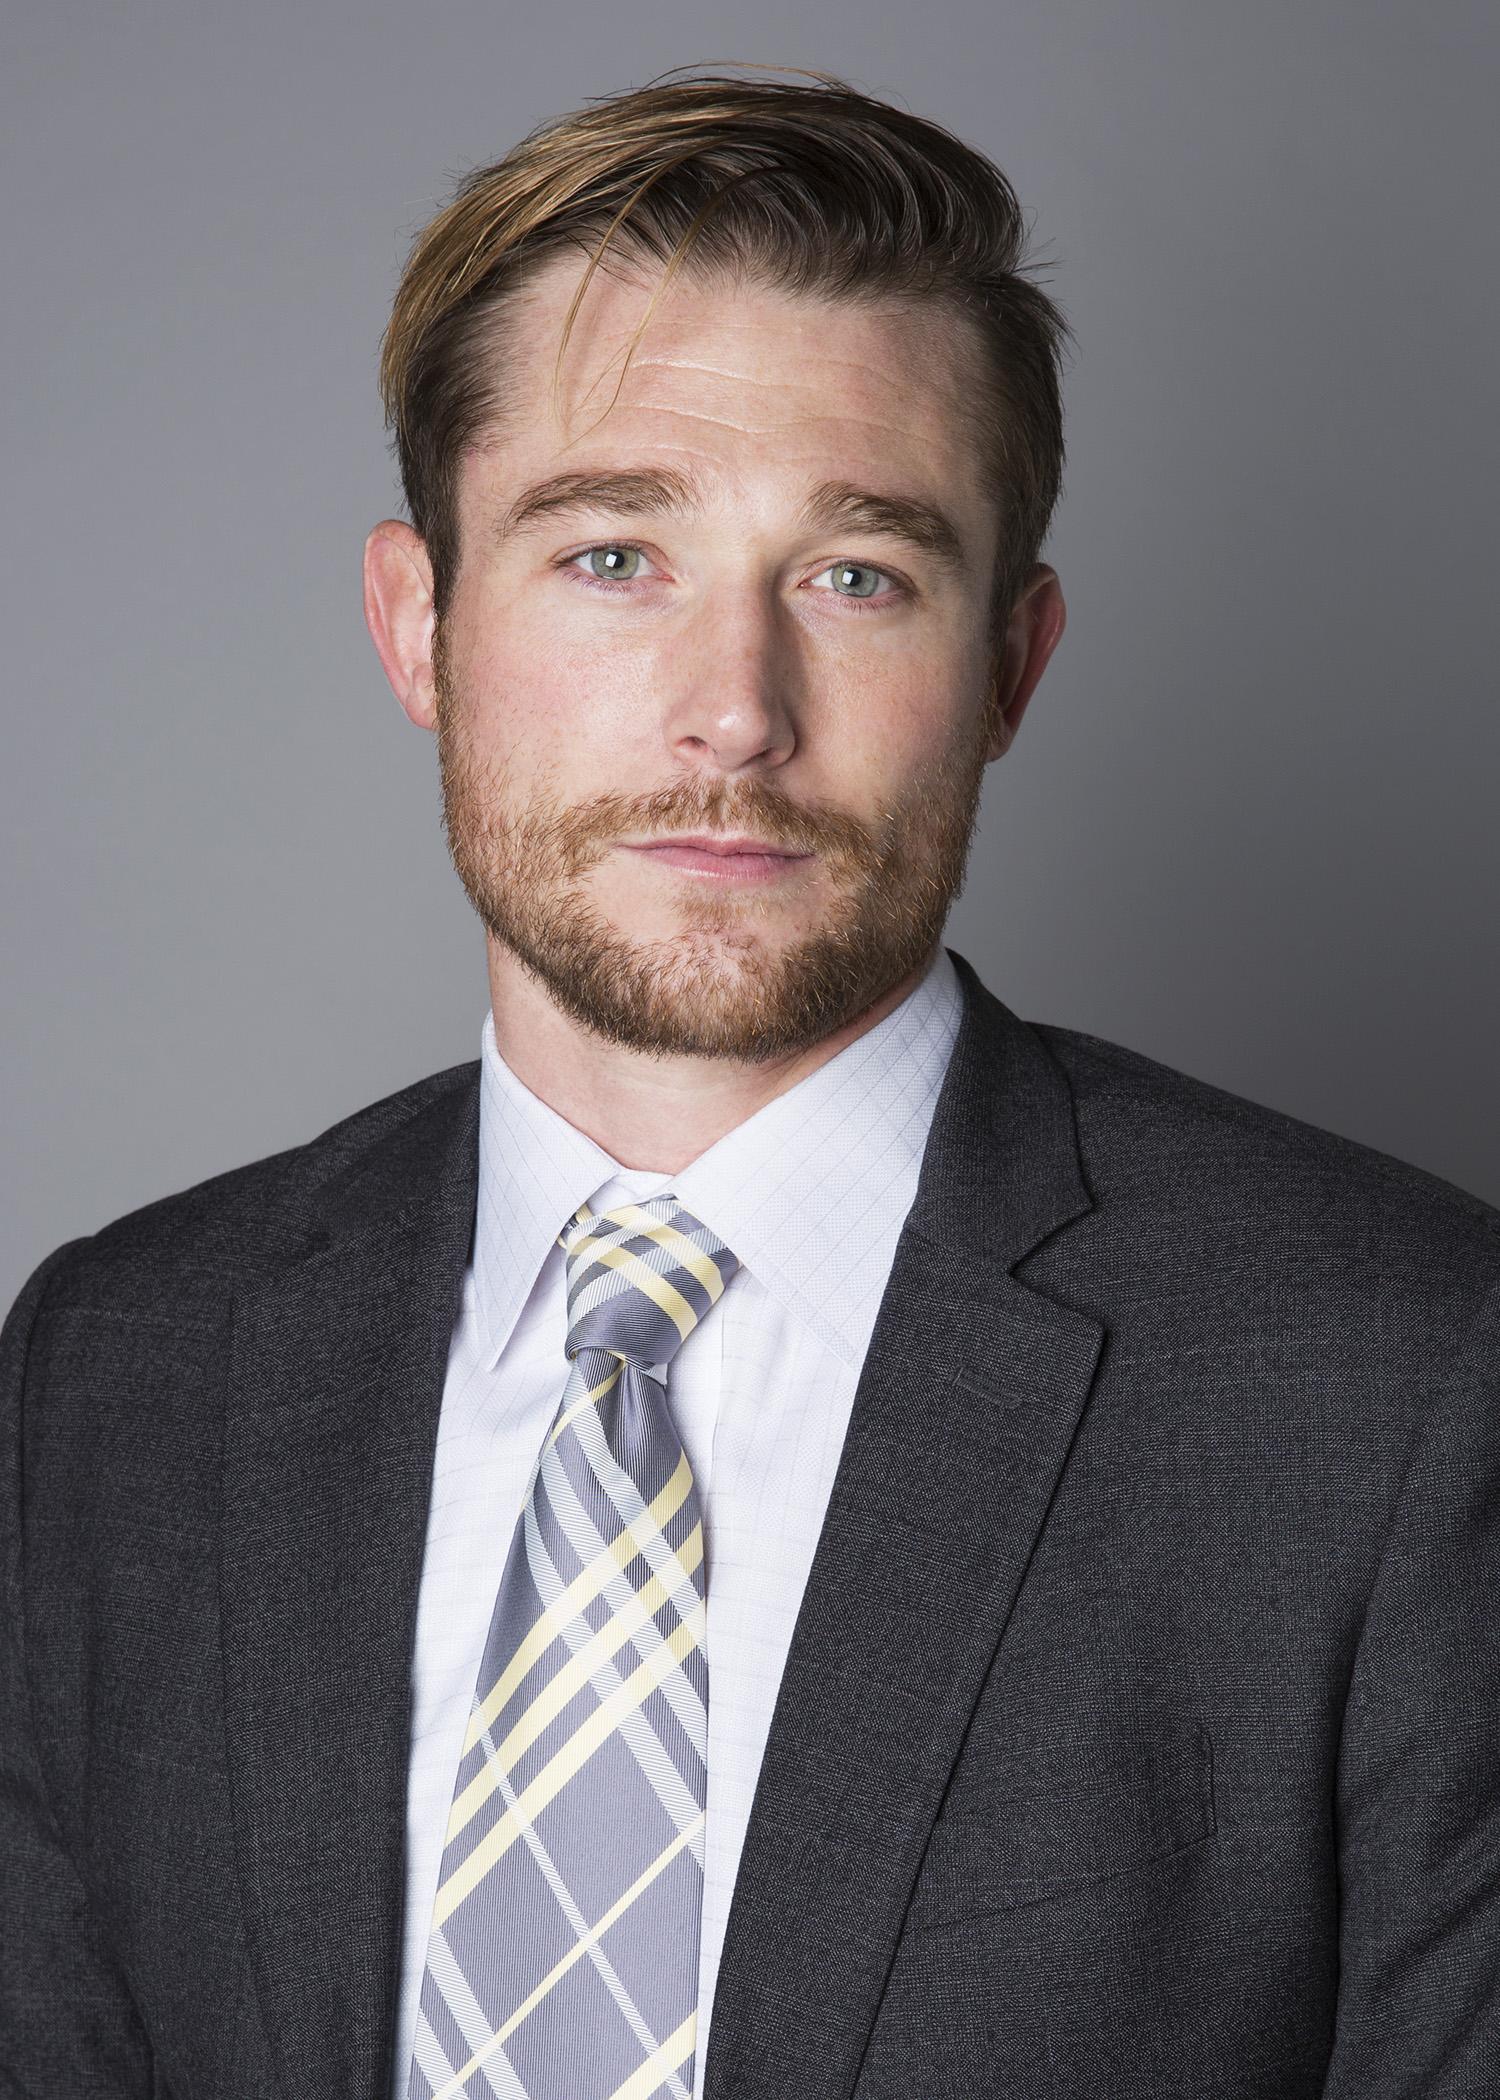 Headshot of Andrew Evans